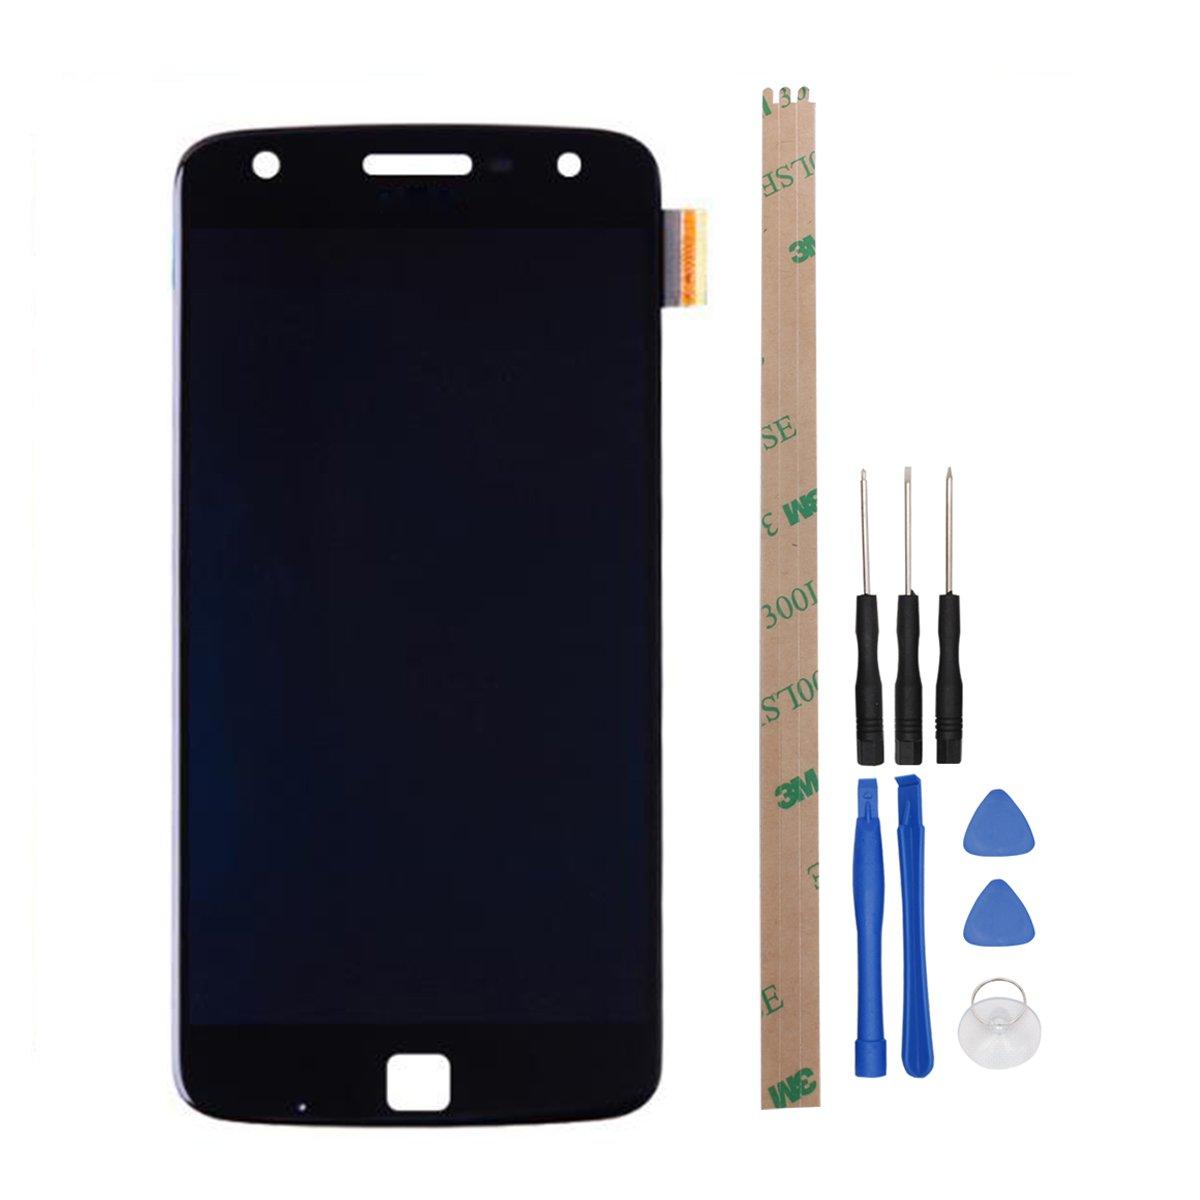 hyyt Reparación y reemplazo LCD Display + pantalla táctil digitalizador para Motorola Moto Z Play con libre Herramientas: Amazon.es: Electrónica